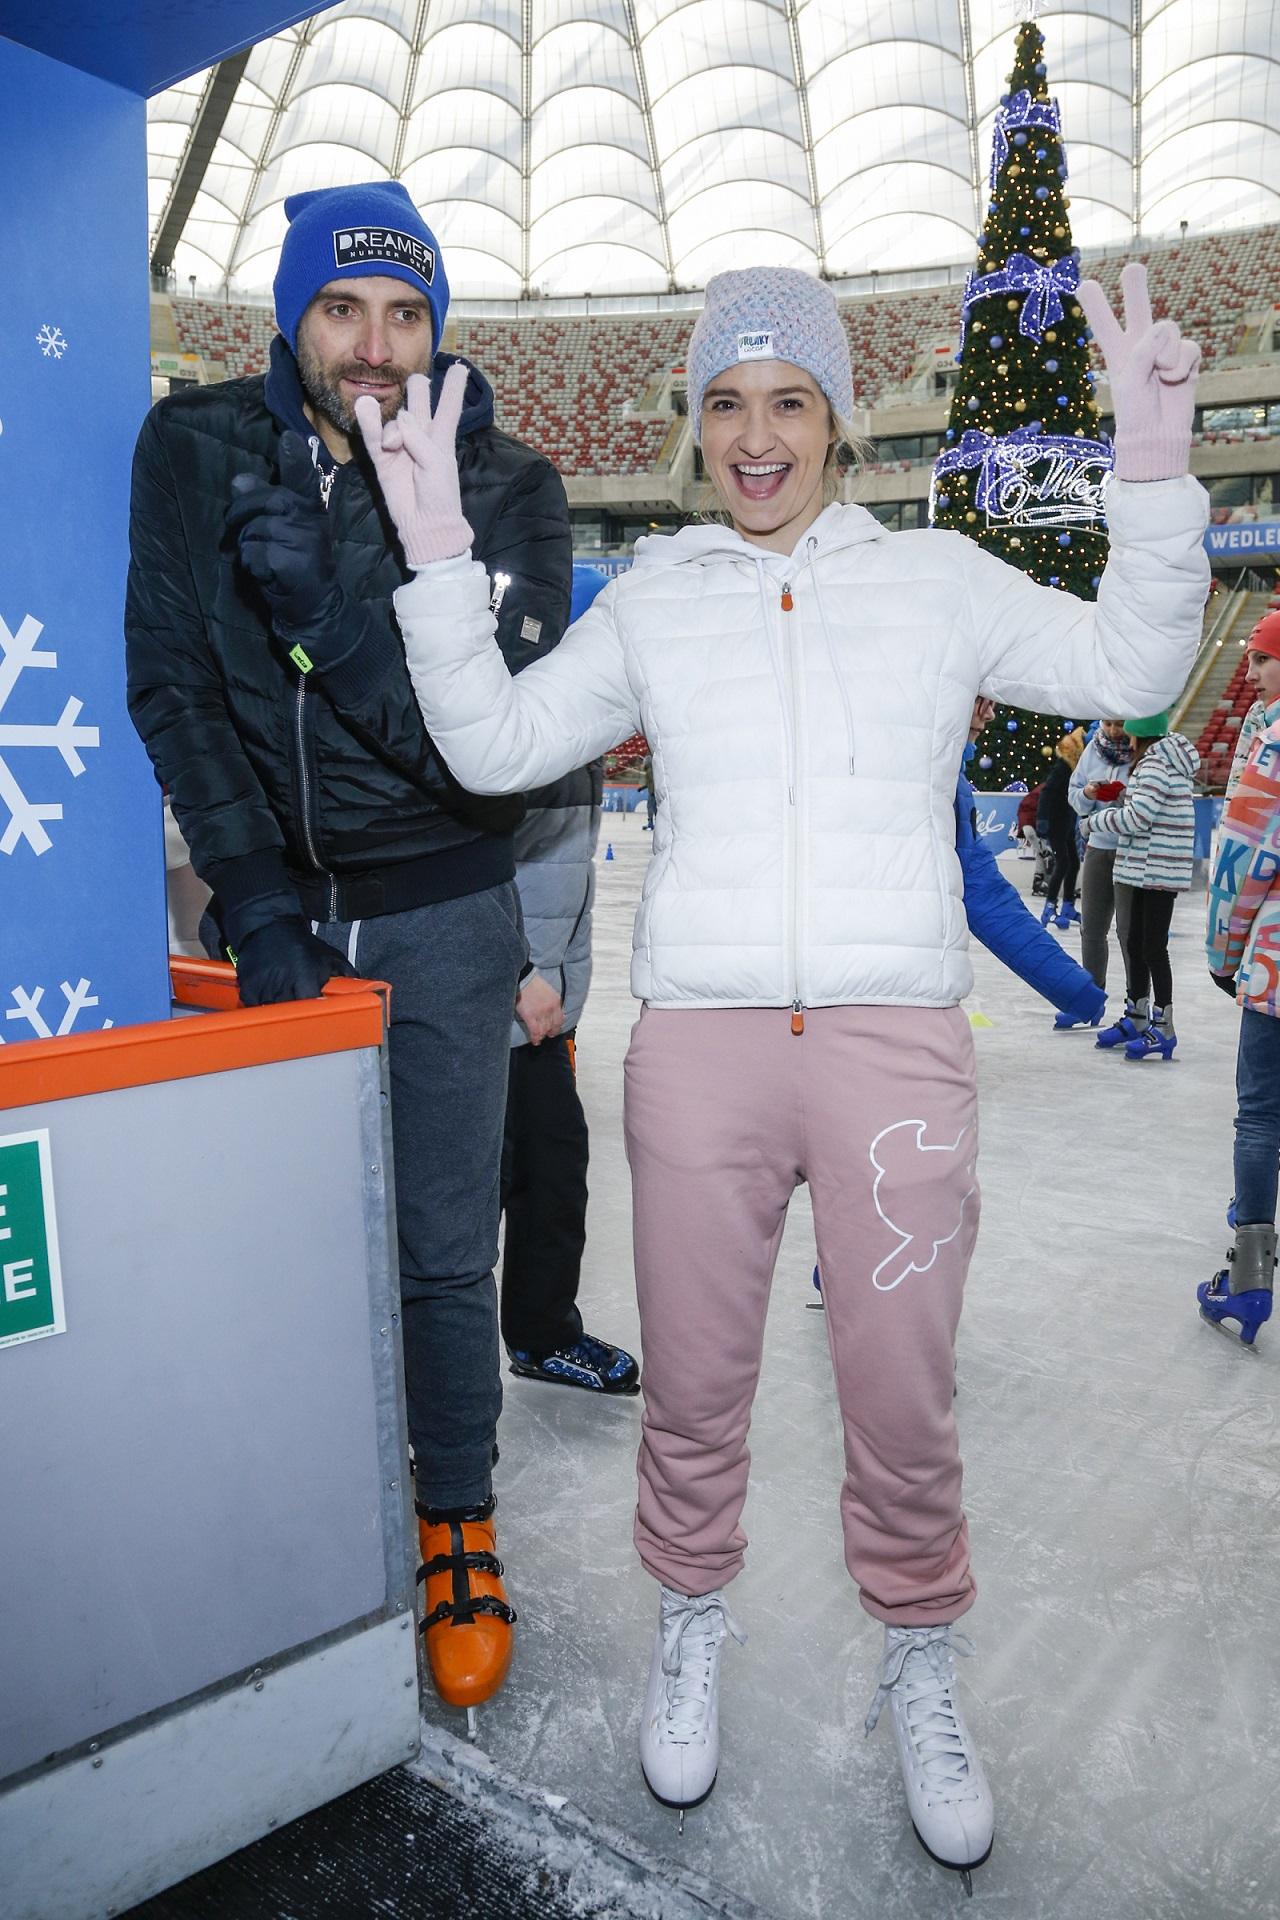 Joanna Koroniewska i Maciej Dowbor na łyżwach - Asia wygląda pewniej, niż jej mąż.